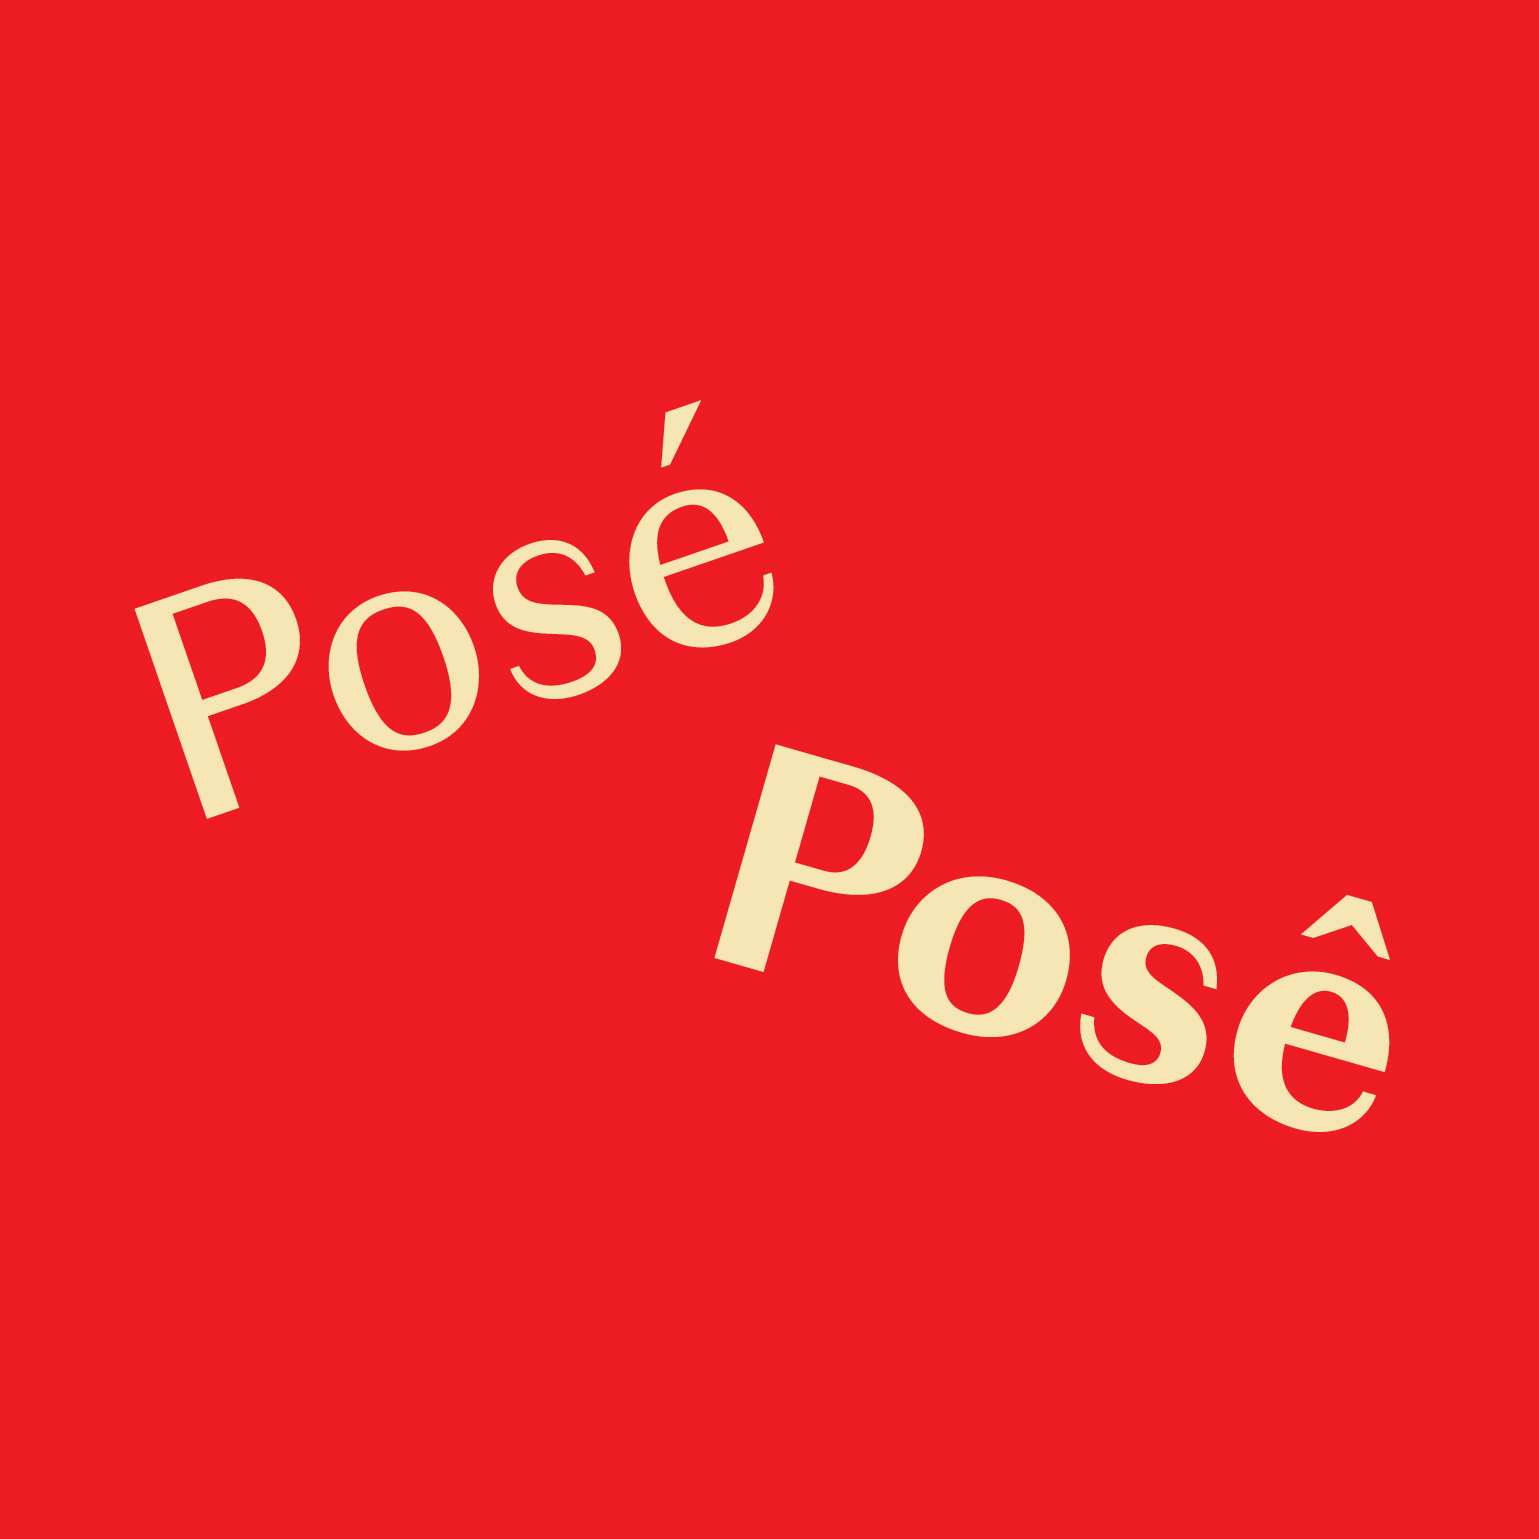 Pose_Pose_logoinstagram5.jpg